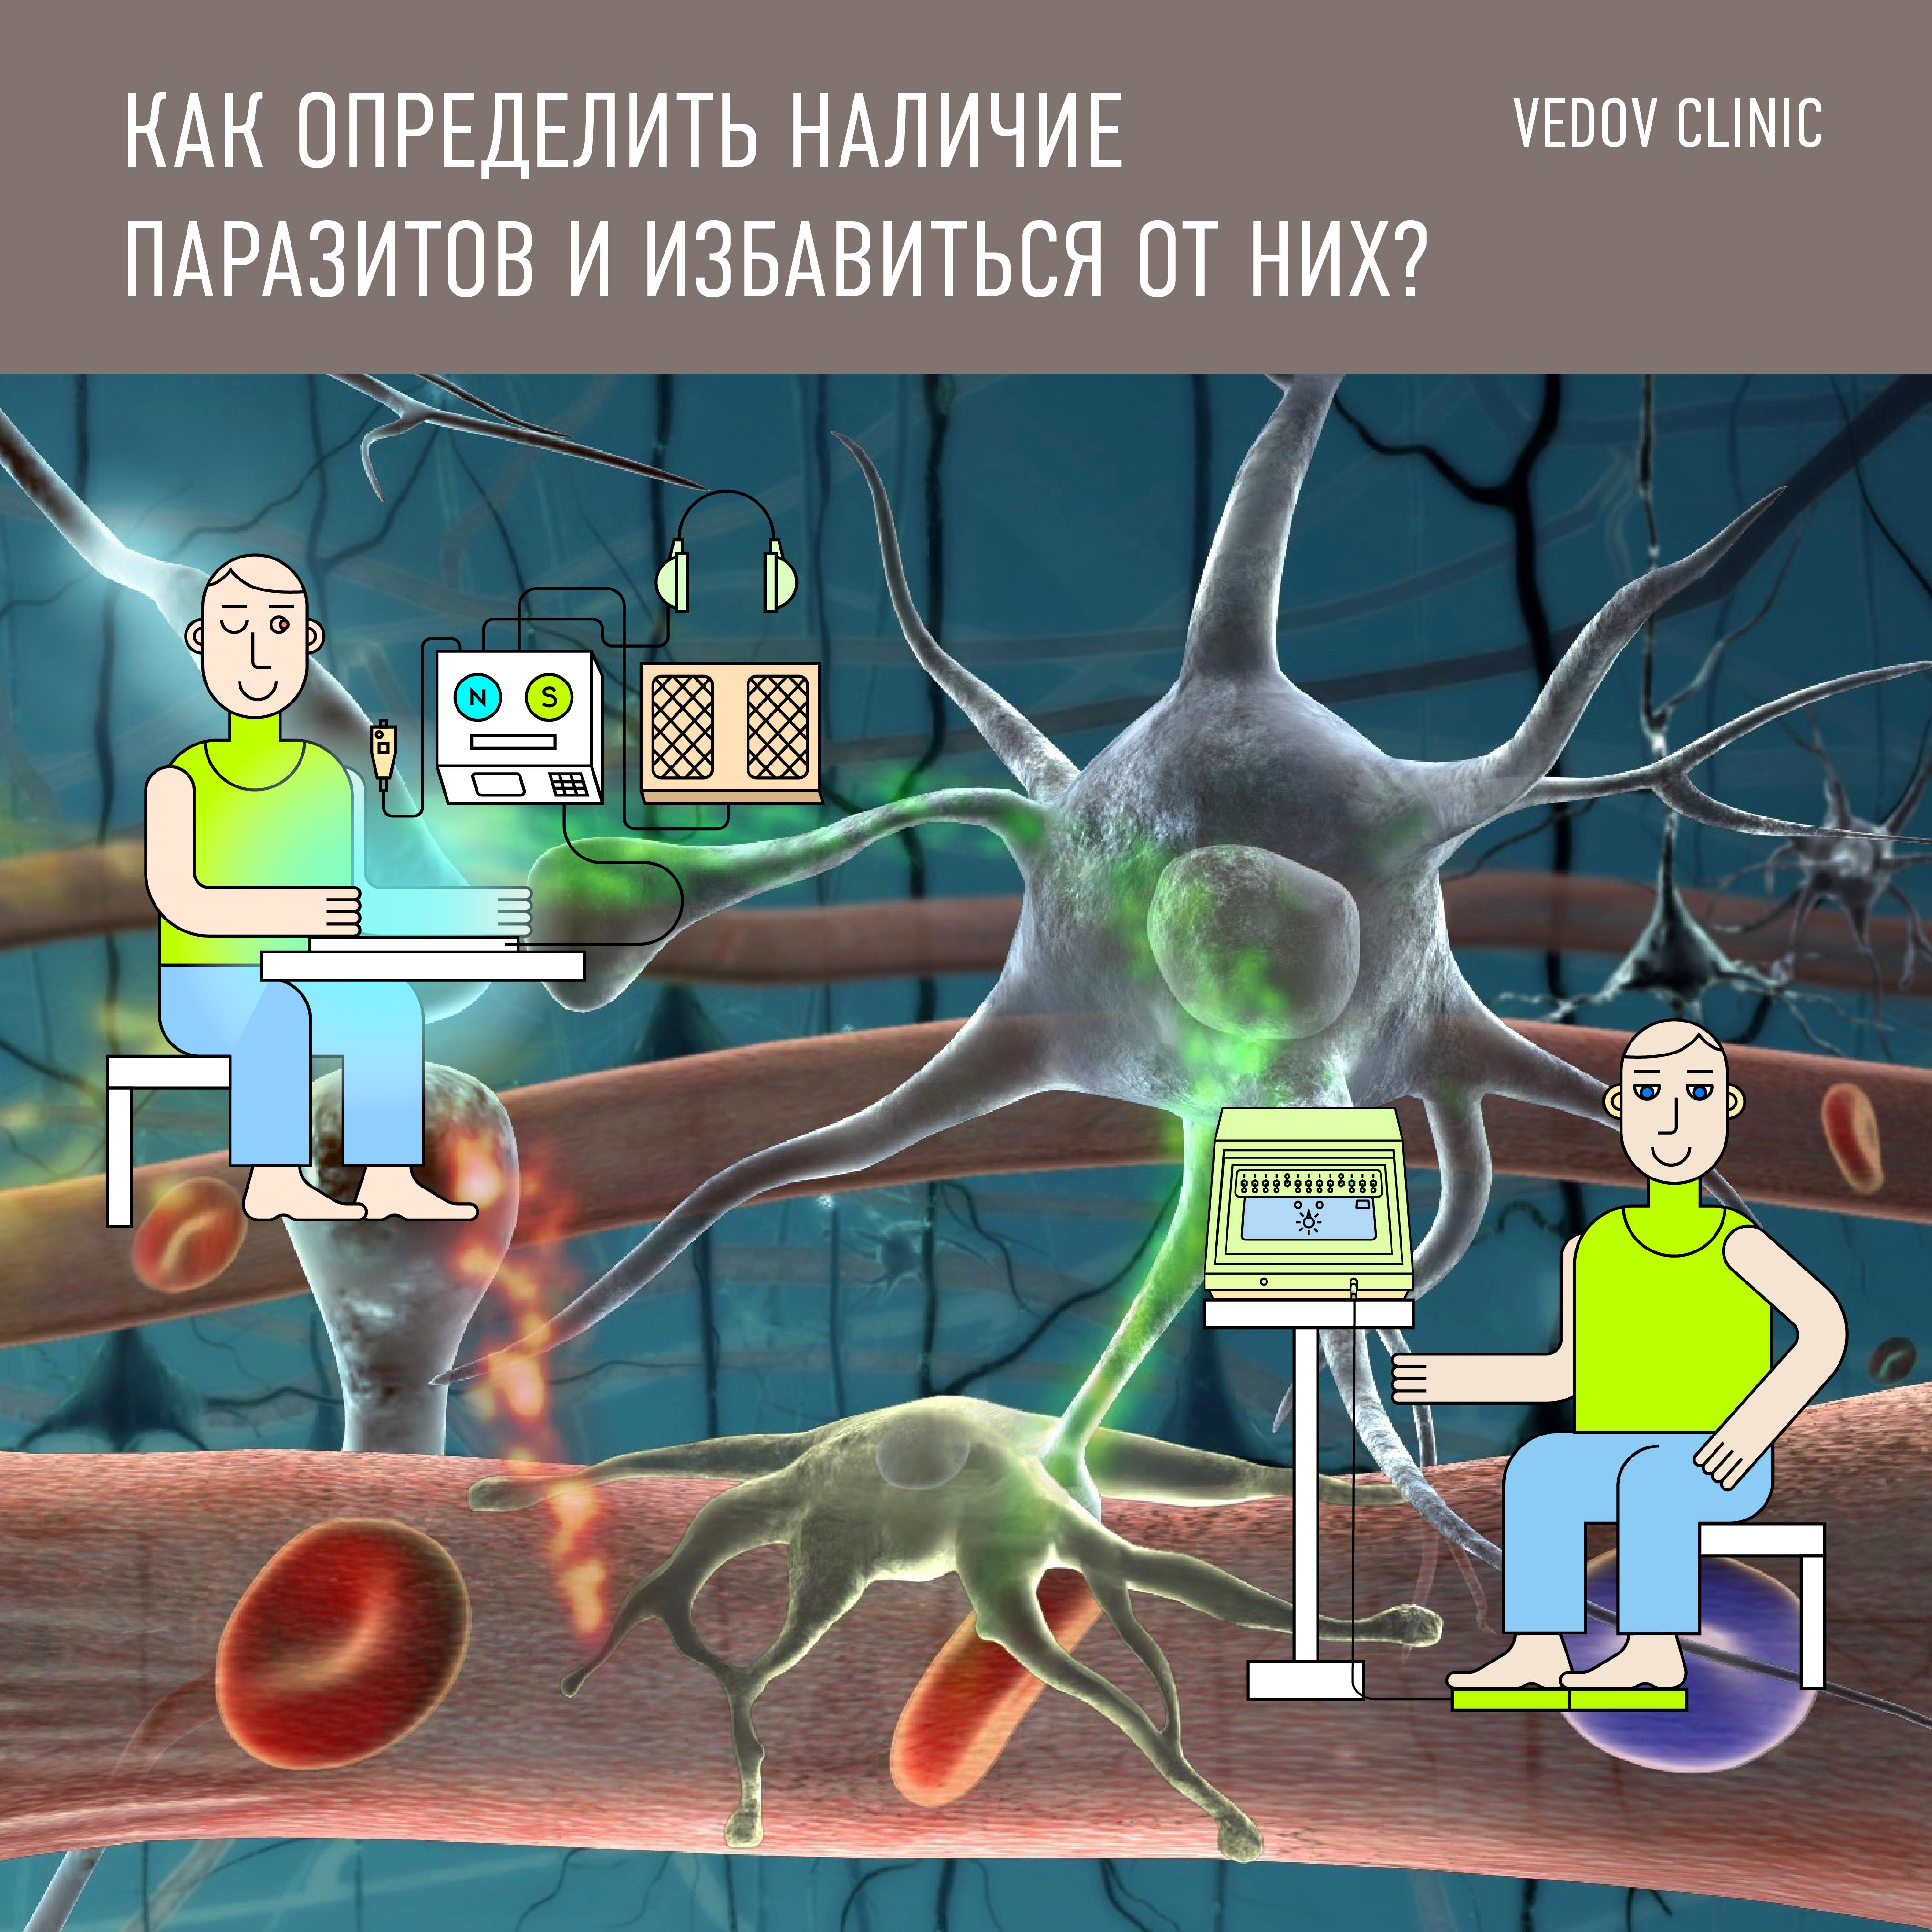 анализ на паразитов